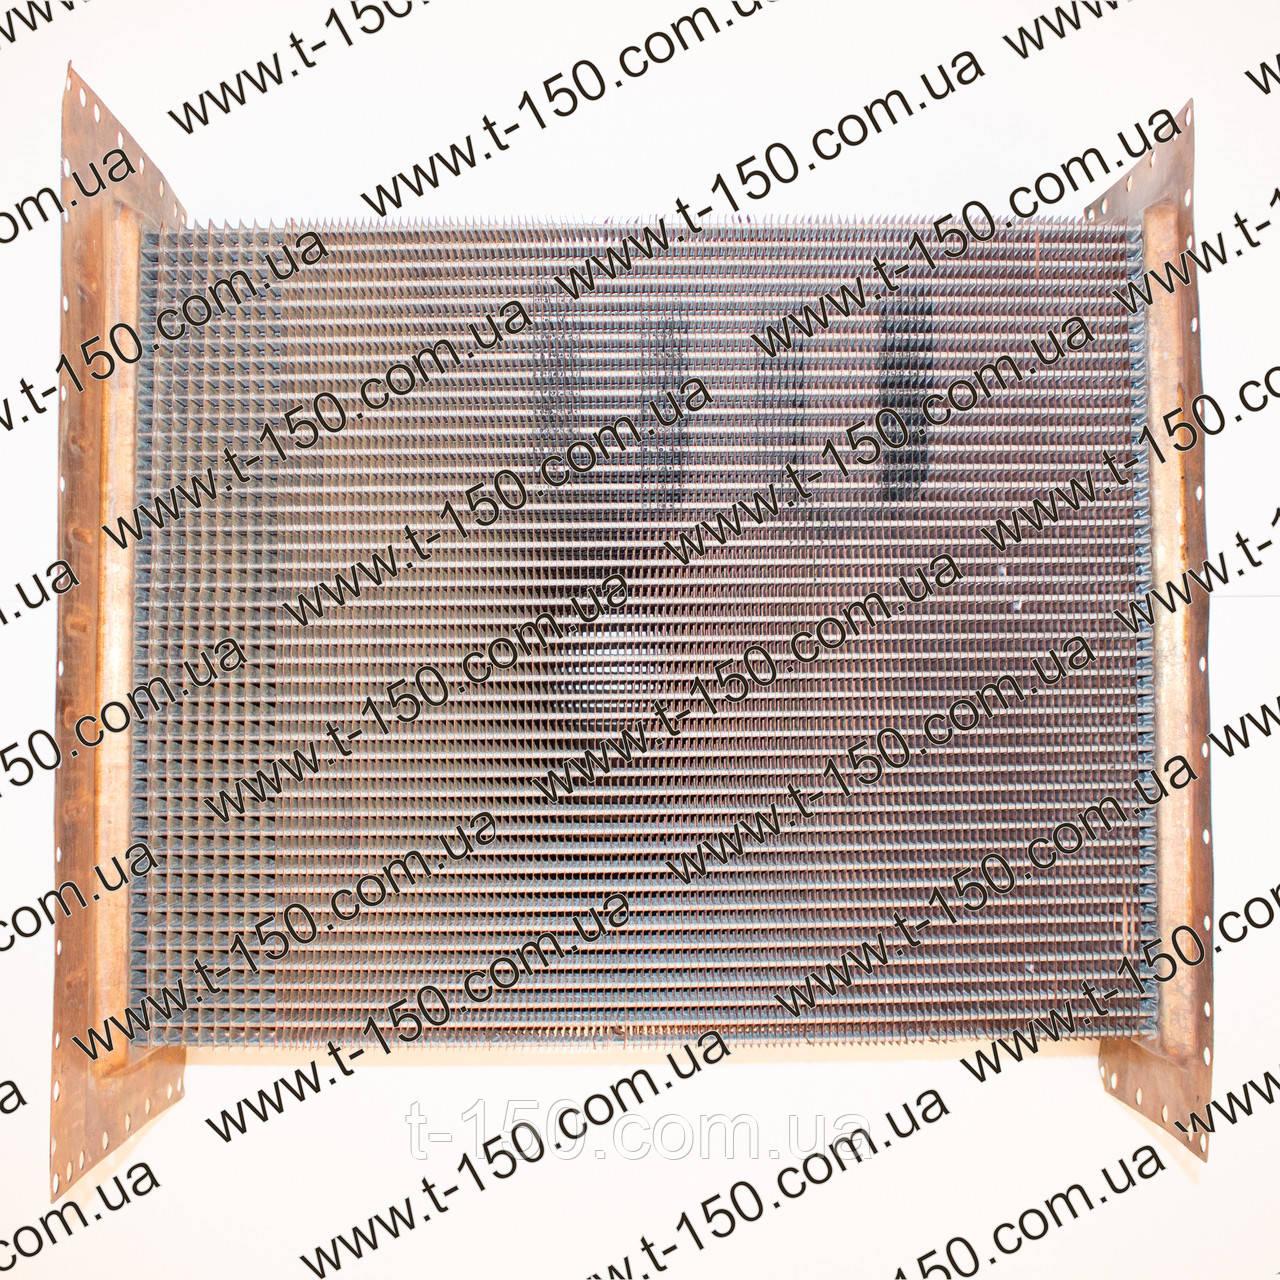 Сердцевина радиатора Д-65 (4-х рядная ) Ориенбург, 45У.1301.020